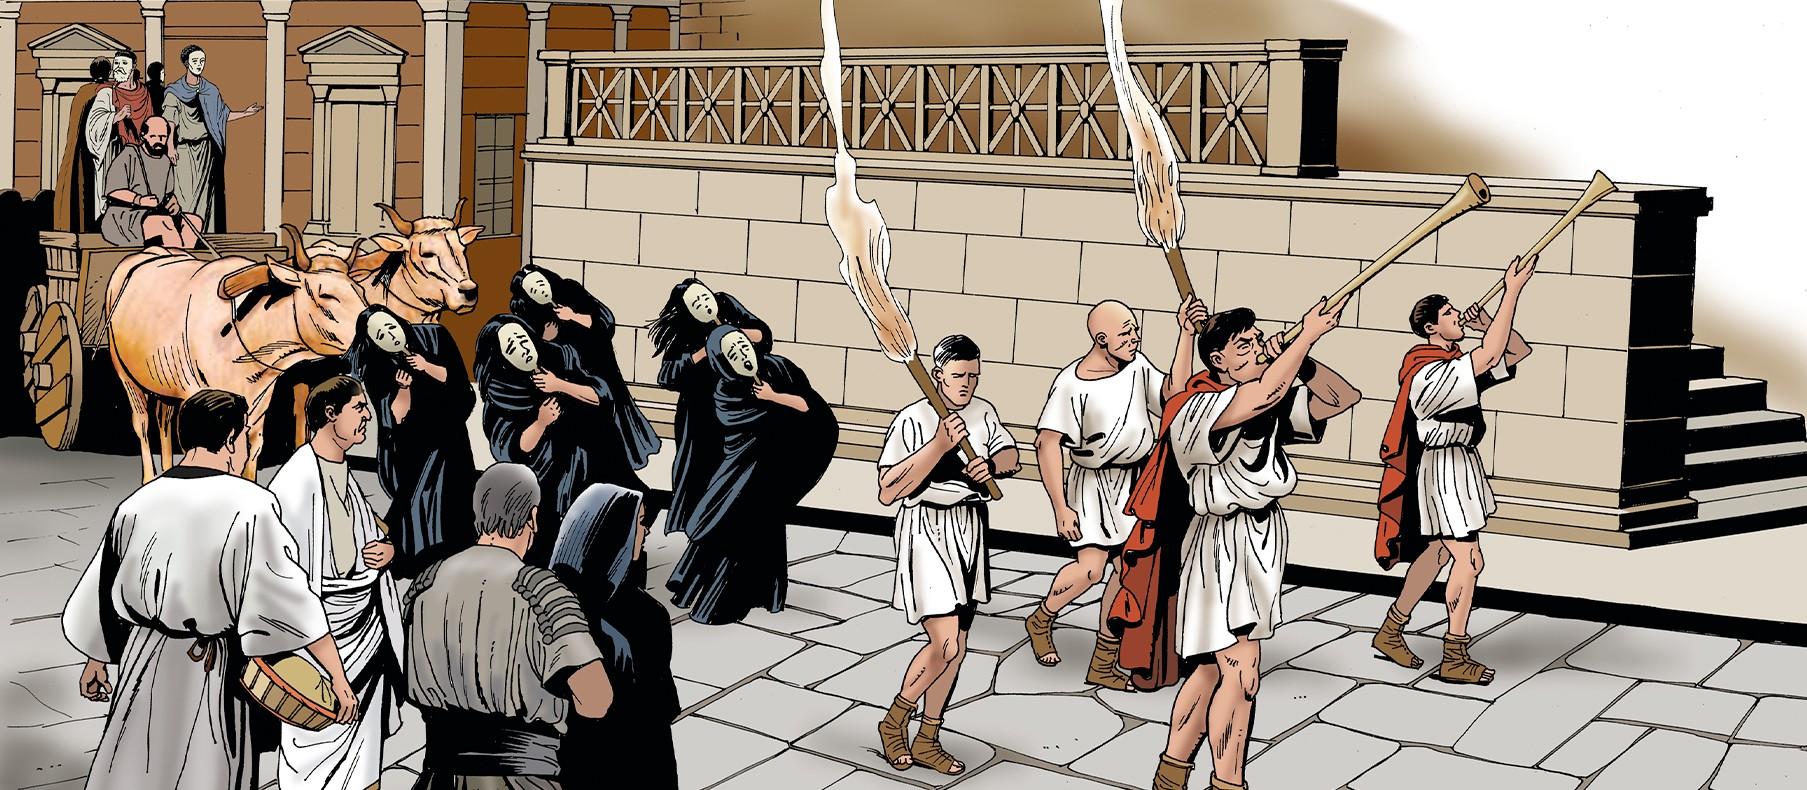 Похороны в Древнем Риме